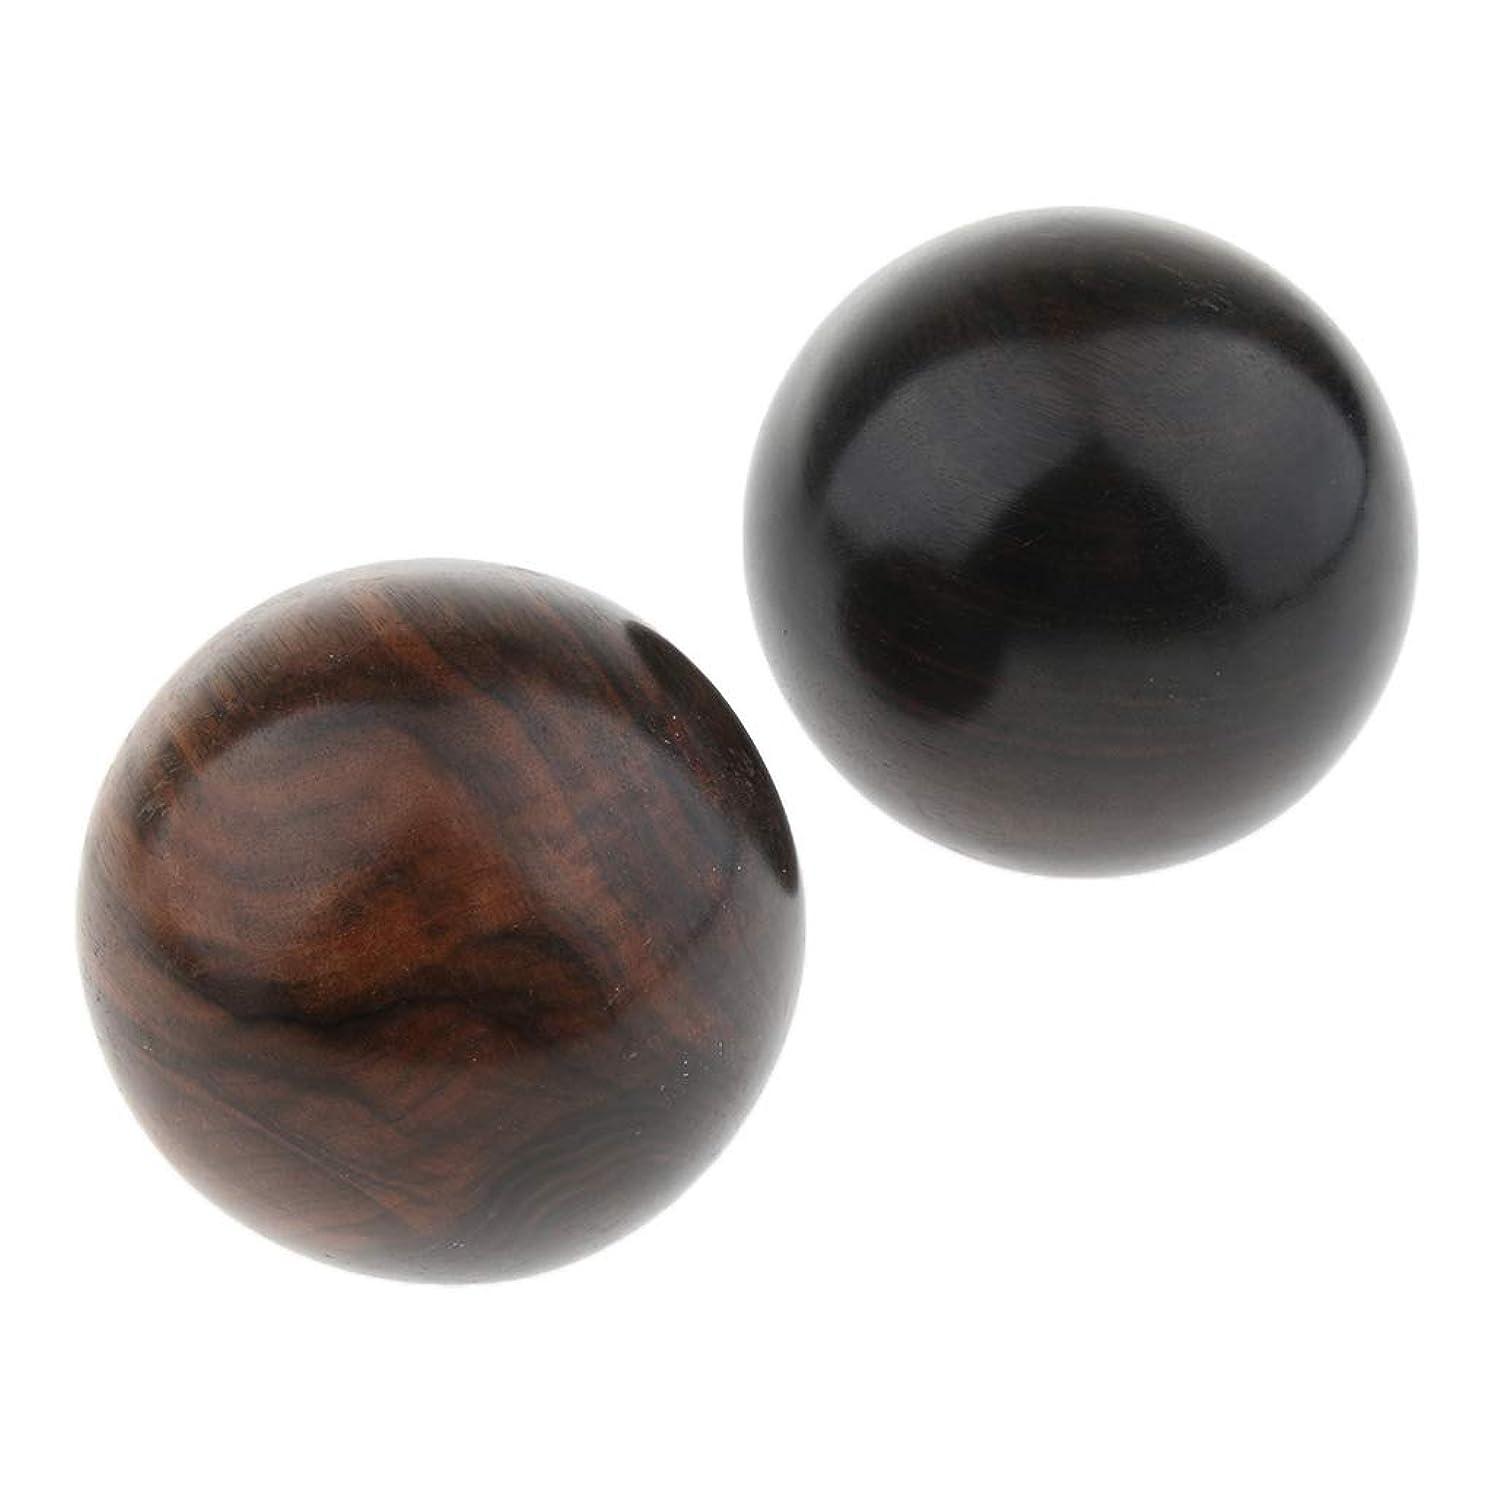 教え顕現レンダーBaoblaze ハンドボール マッサージボール 木製 ストレス解消 運動 トリガーポイント 2個入